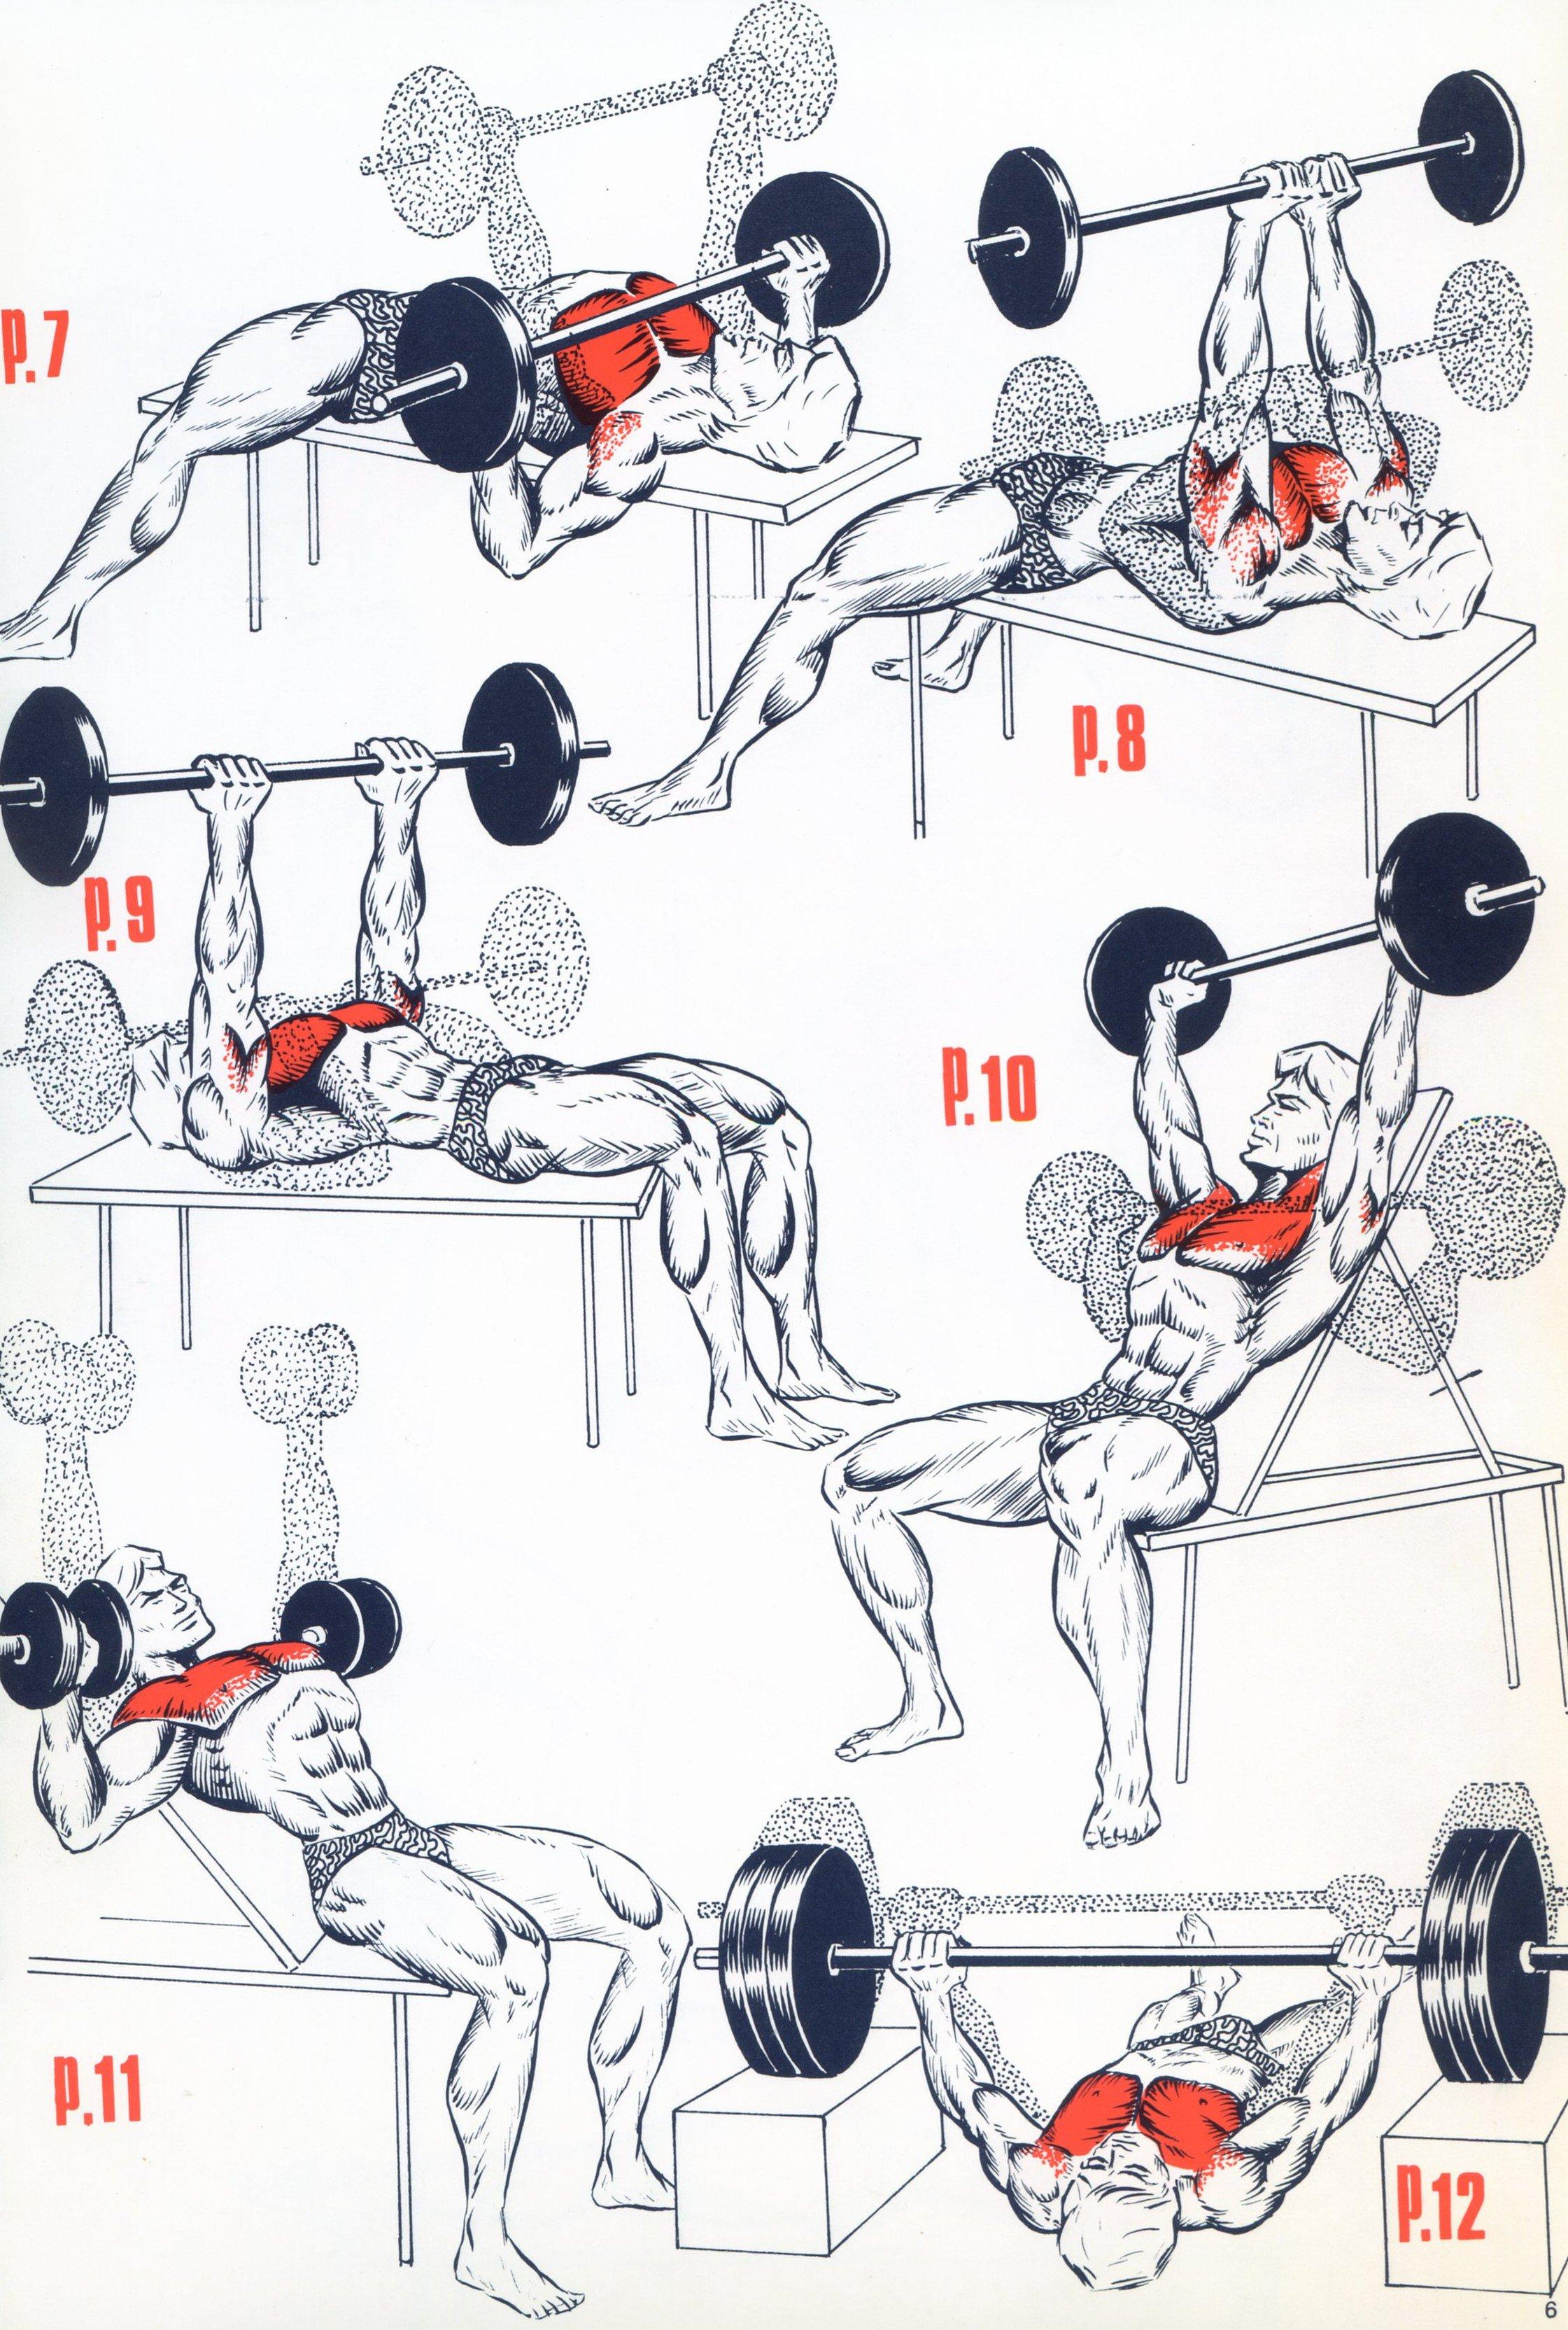 En haut Exercices Triceps - Musculation - FORUM Forme & Sport @SZ_04